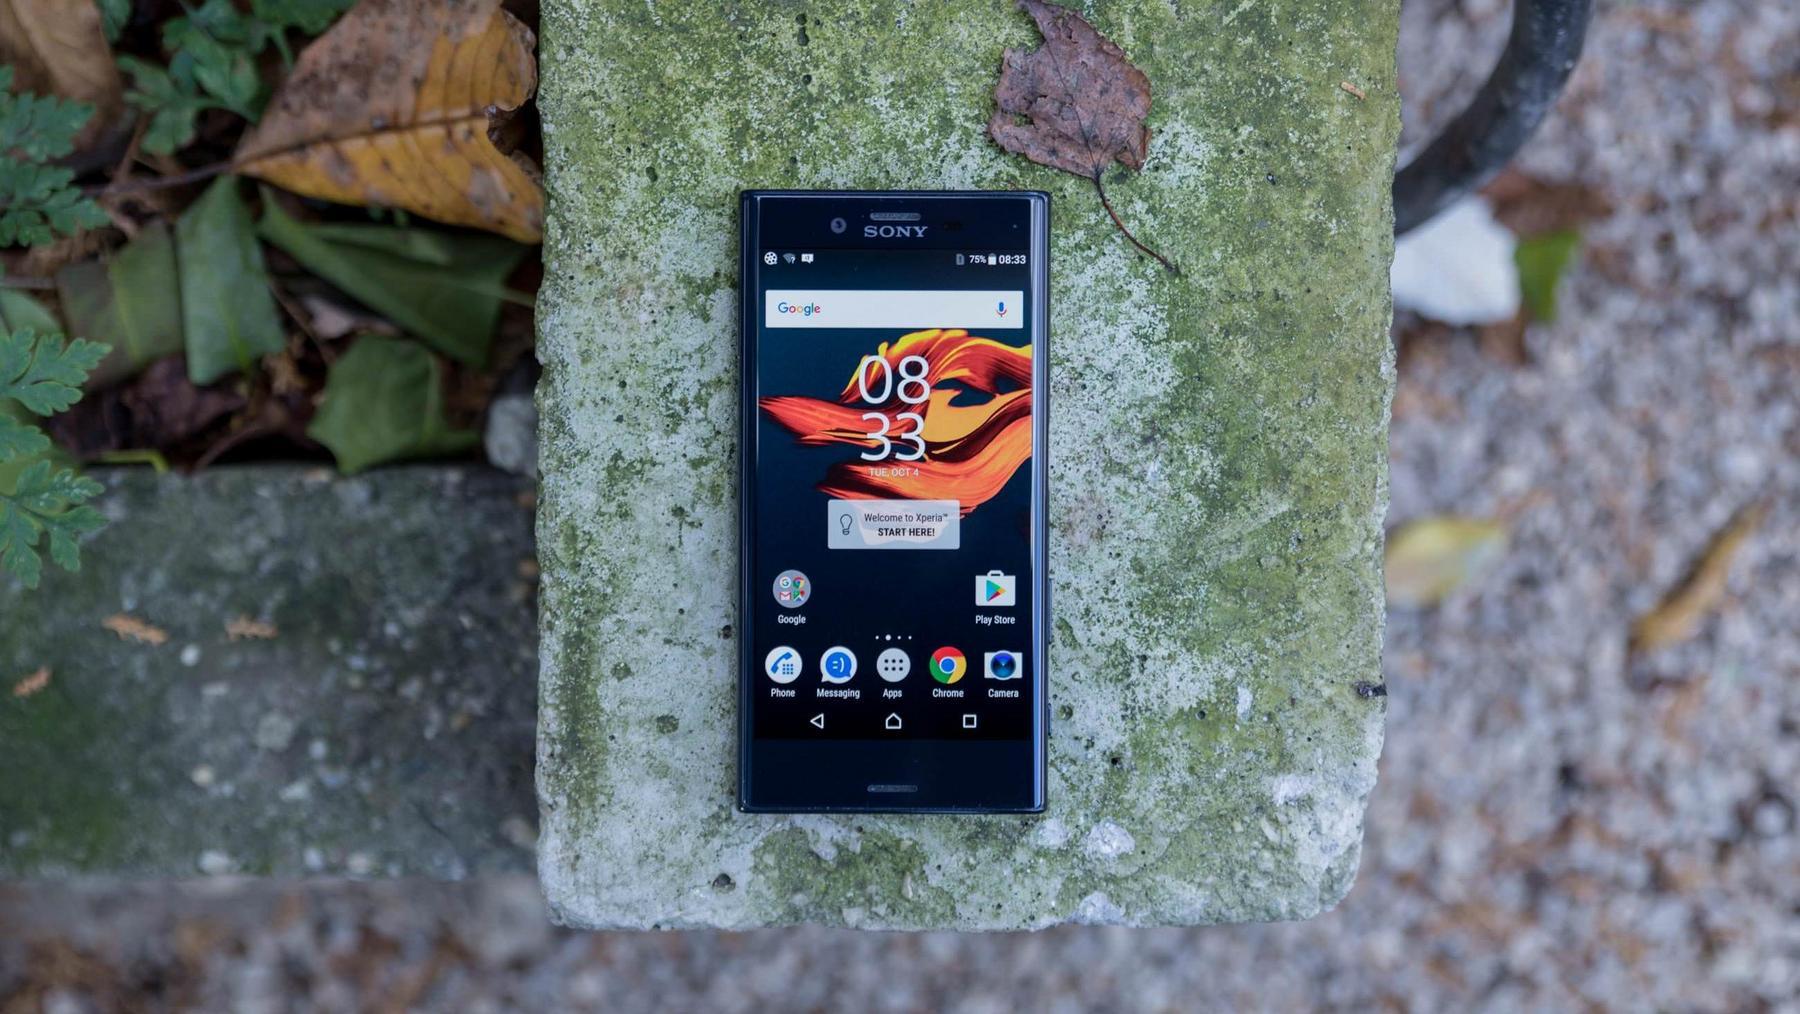 Sony chính thức cập nhật Android 8.0 Oreo cho bộ đôi Xperia X và Xperia X Compact